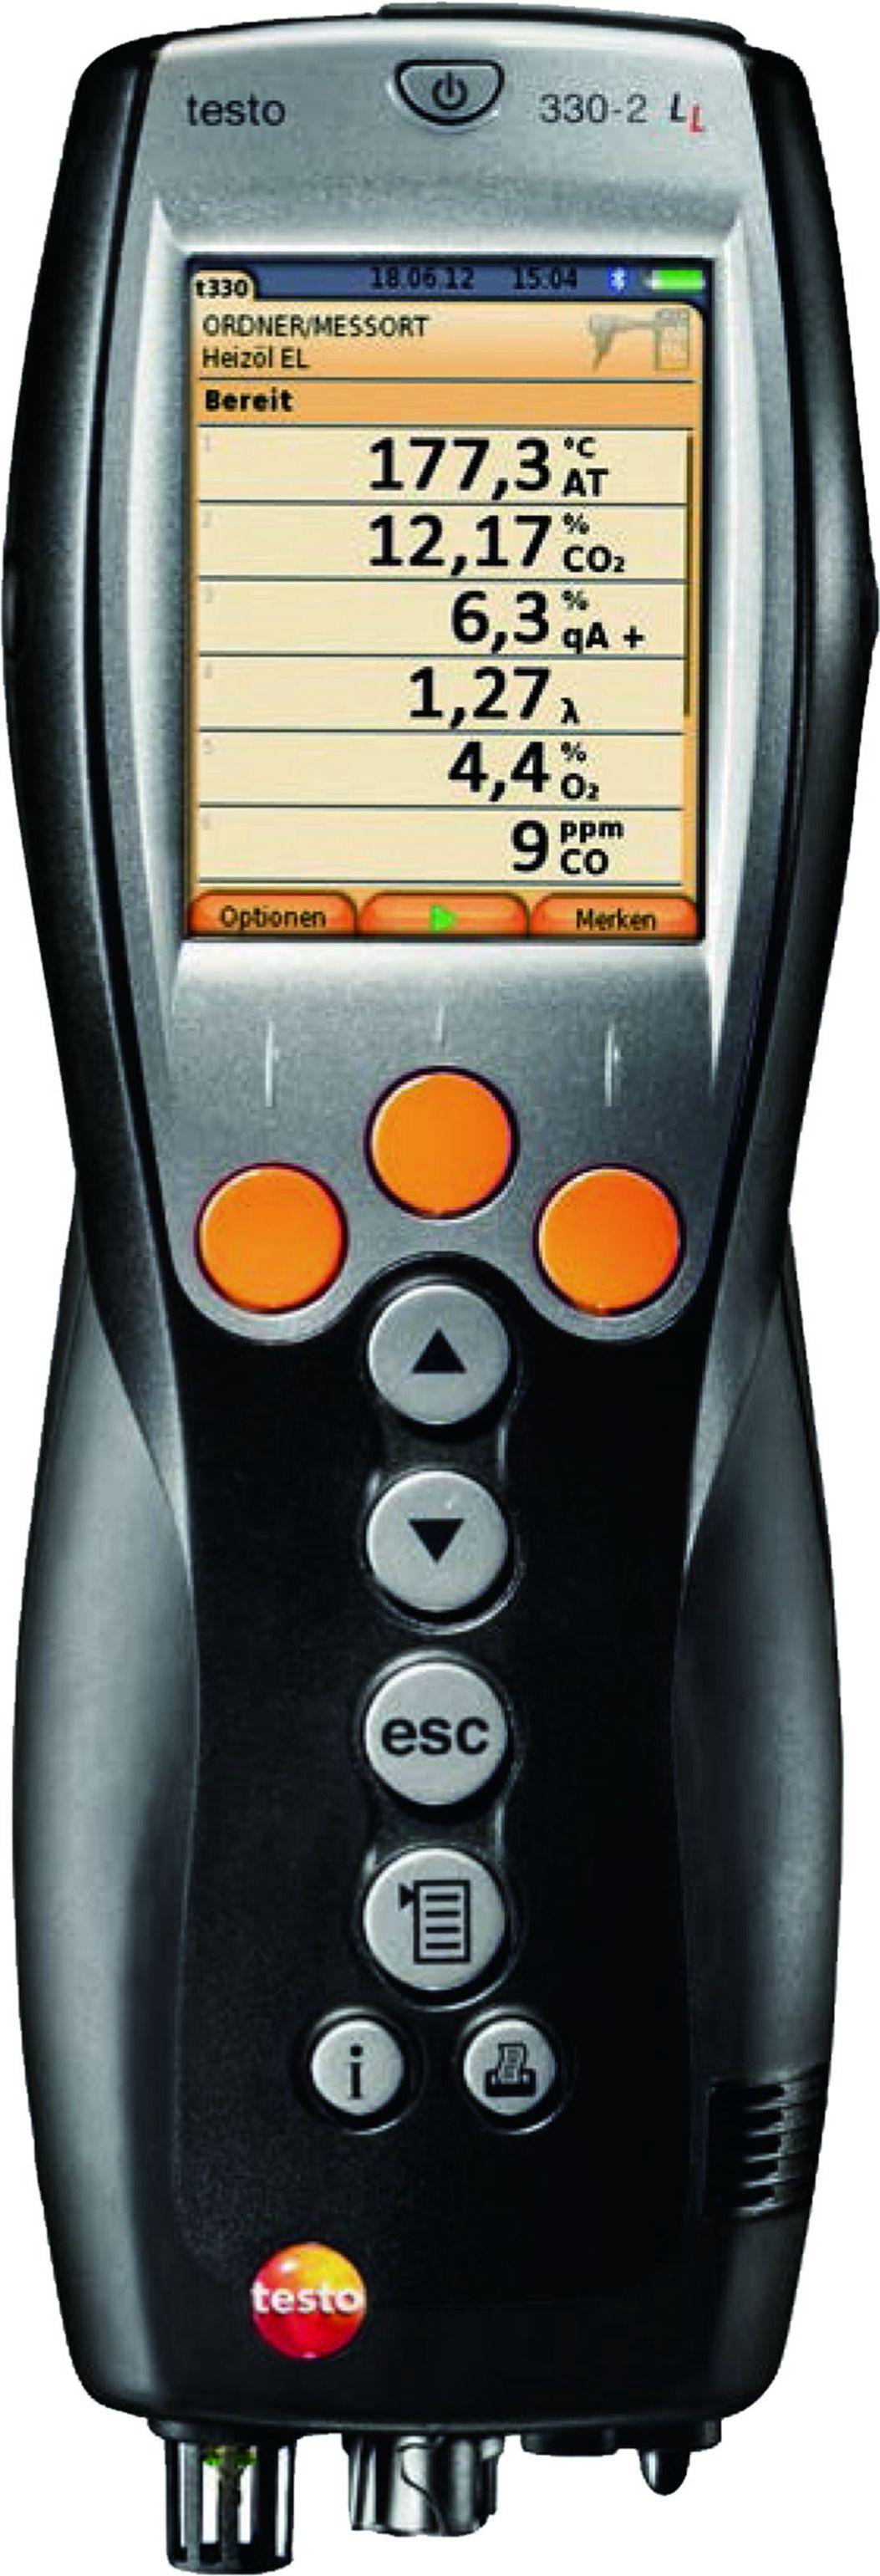 testo 330LL便携式烟气分析仪